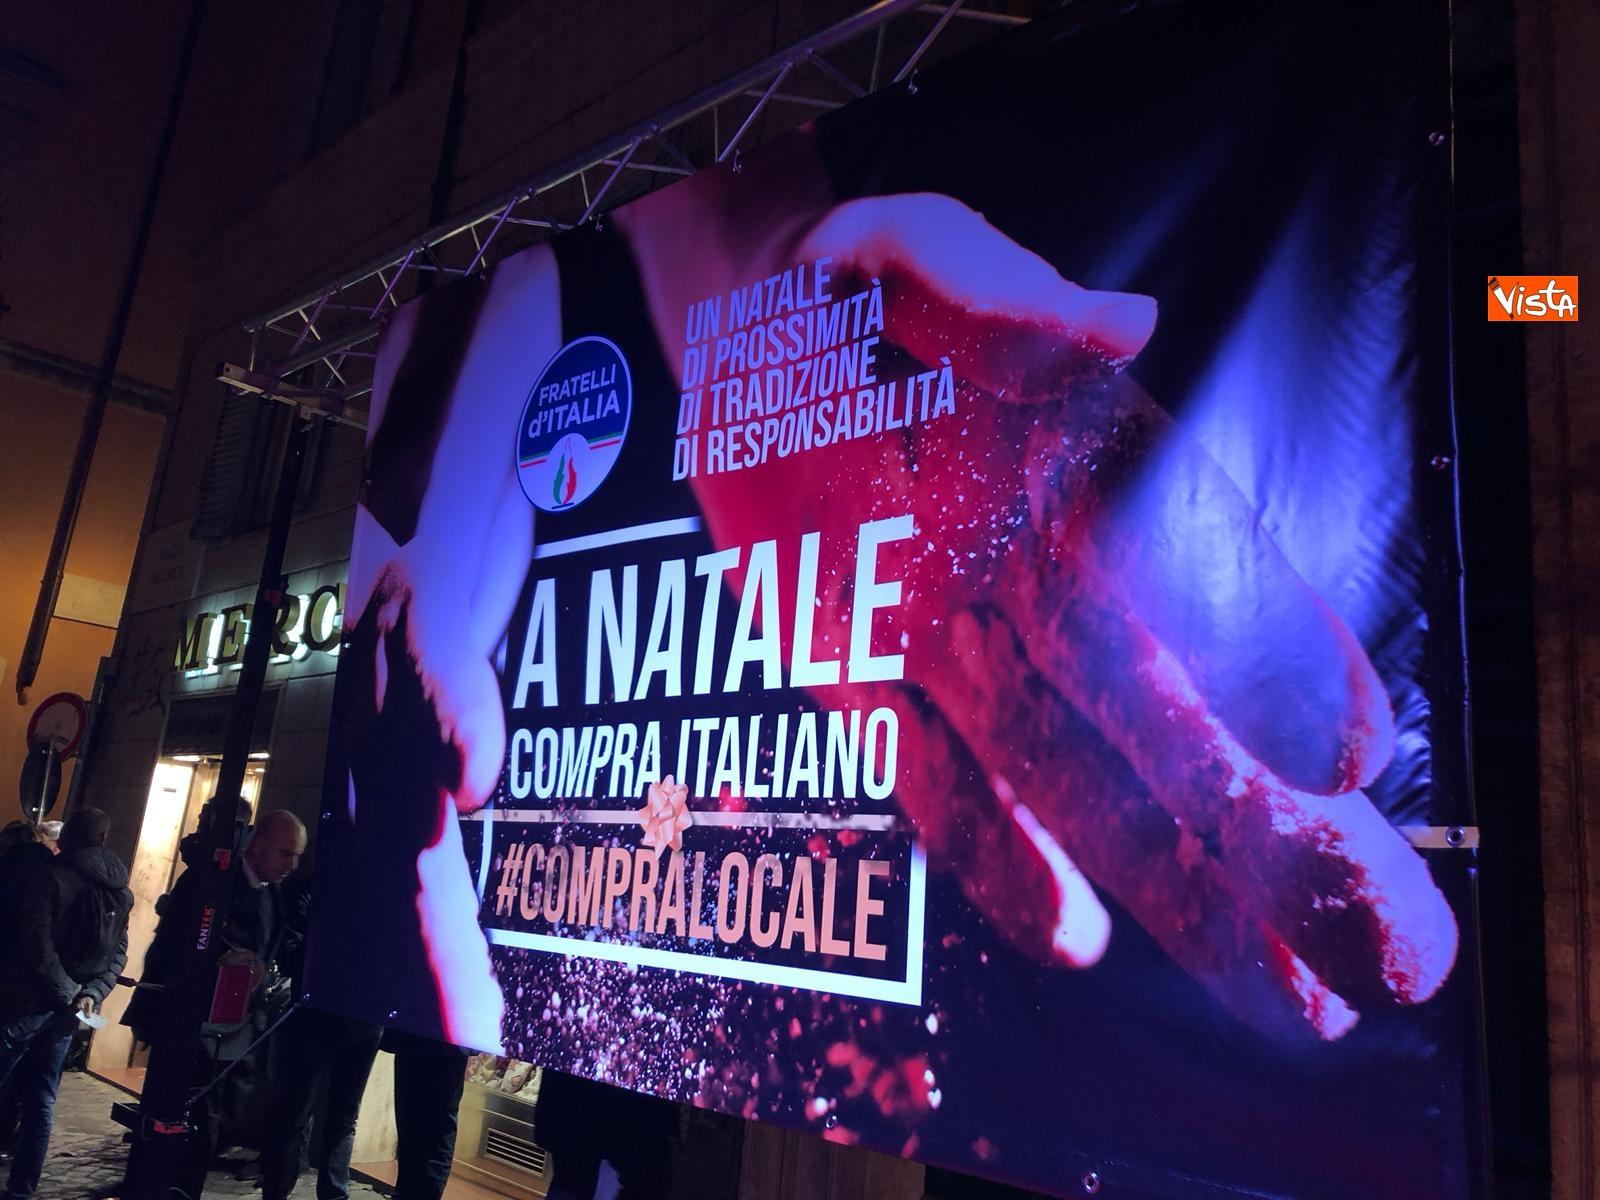 La festa di natale di Fratelli d'Italia, tra prodotti locali e tombolata sovranista_07